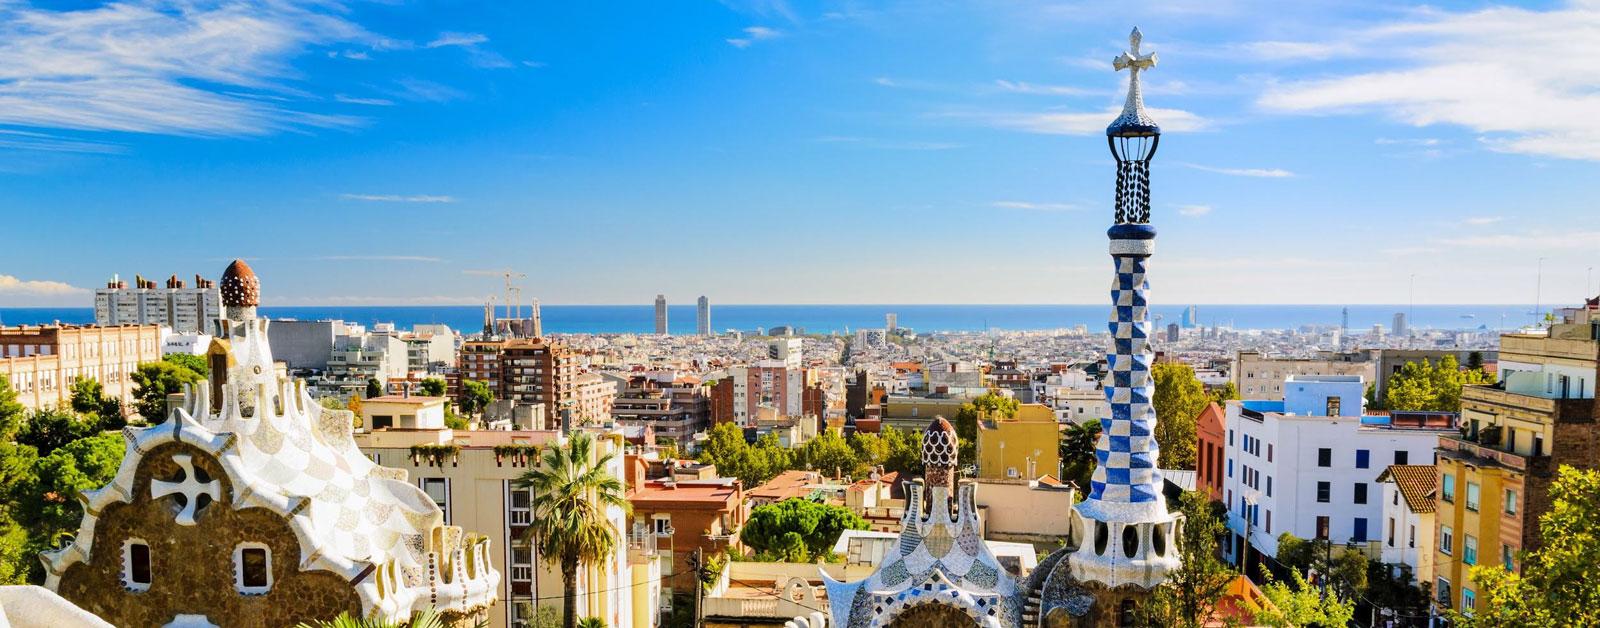 Spain: Performing Arts